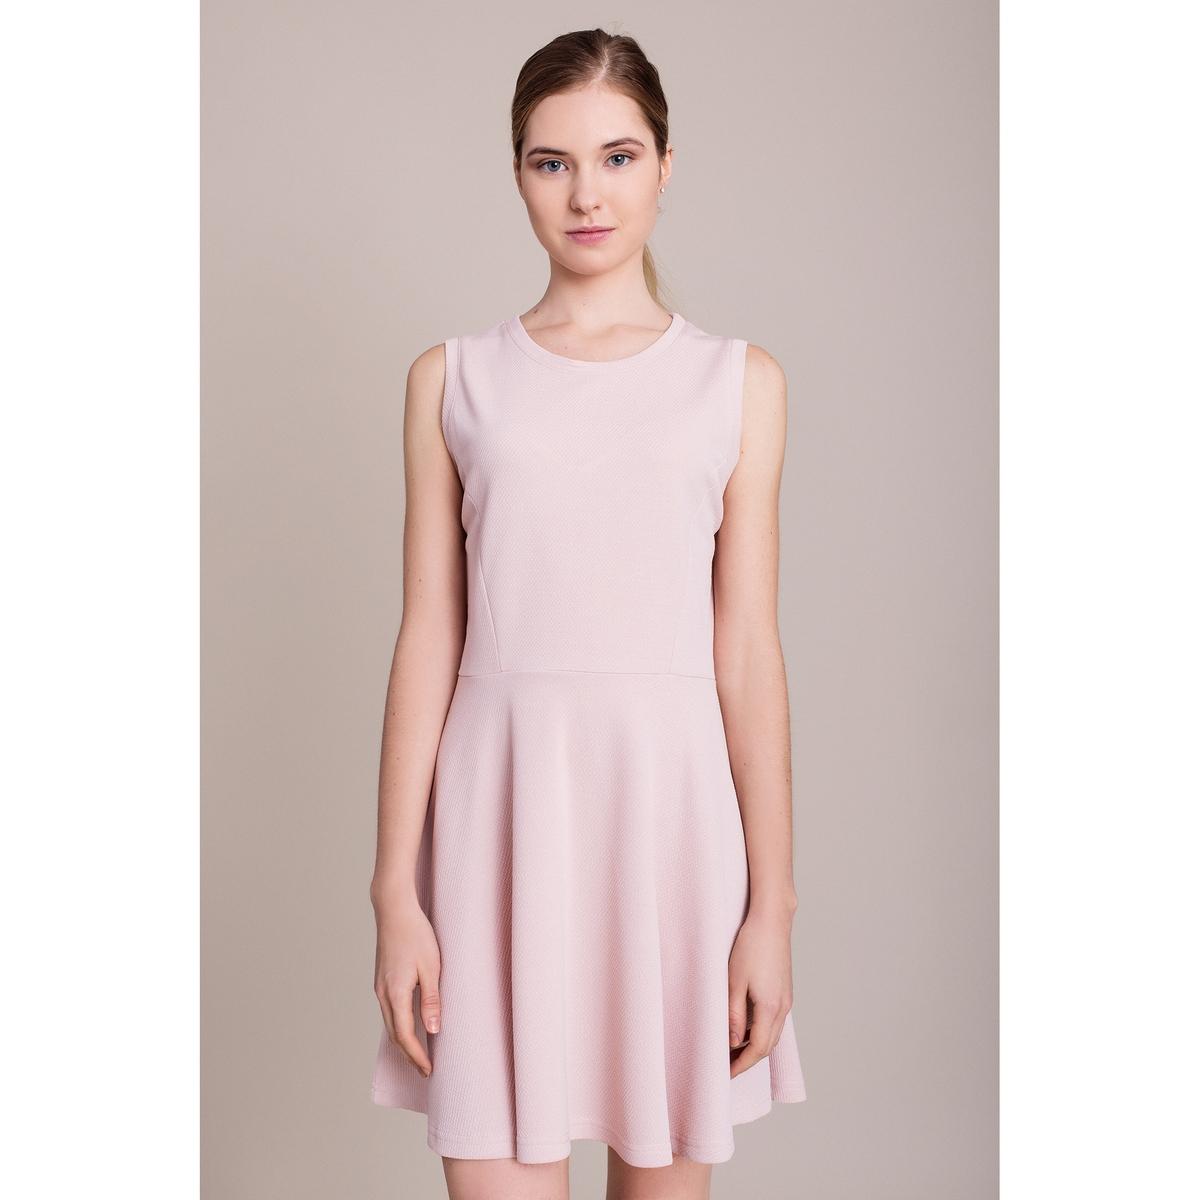 Платье без рукавовХарактеристики и описание        Материал         100% полиэстера        Марка    MIGLE+ME<br><br>Цвет: бледно-розовый